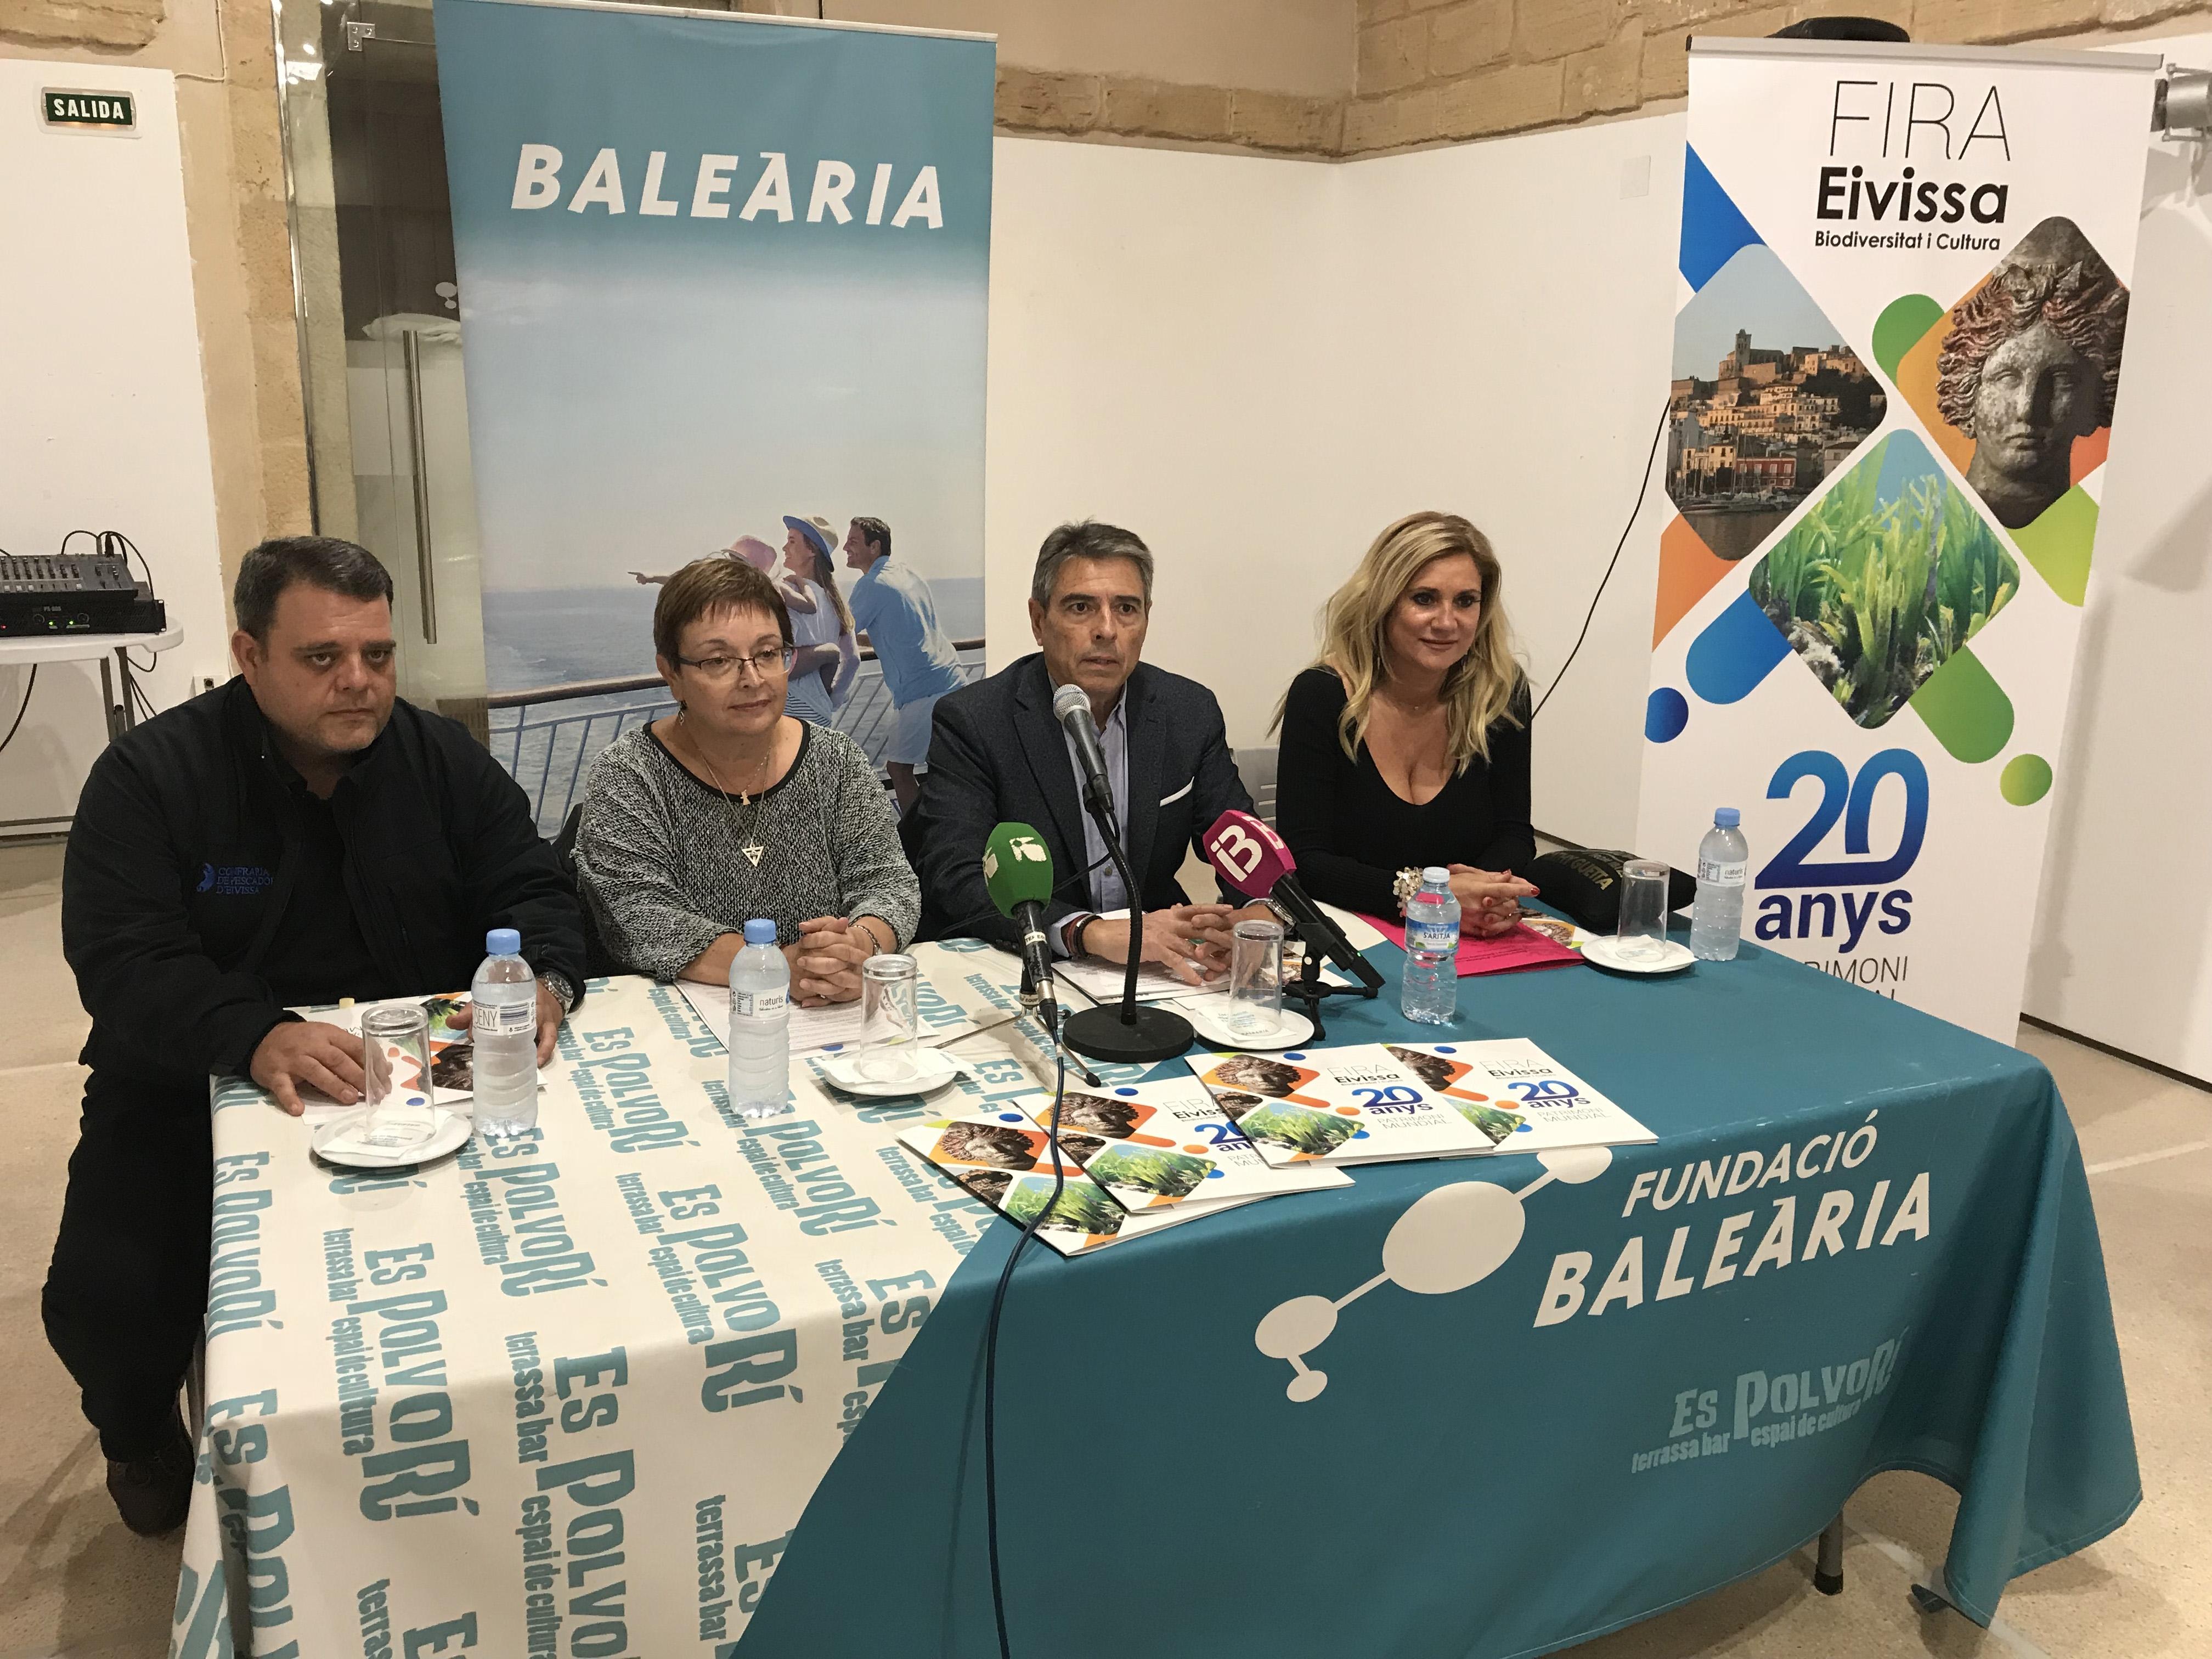 (Español) Acuerdo de Baleària con el Ayuntamiento d'Eivissa para promocionar la ciudad